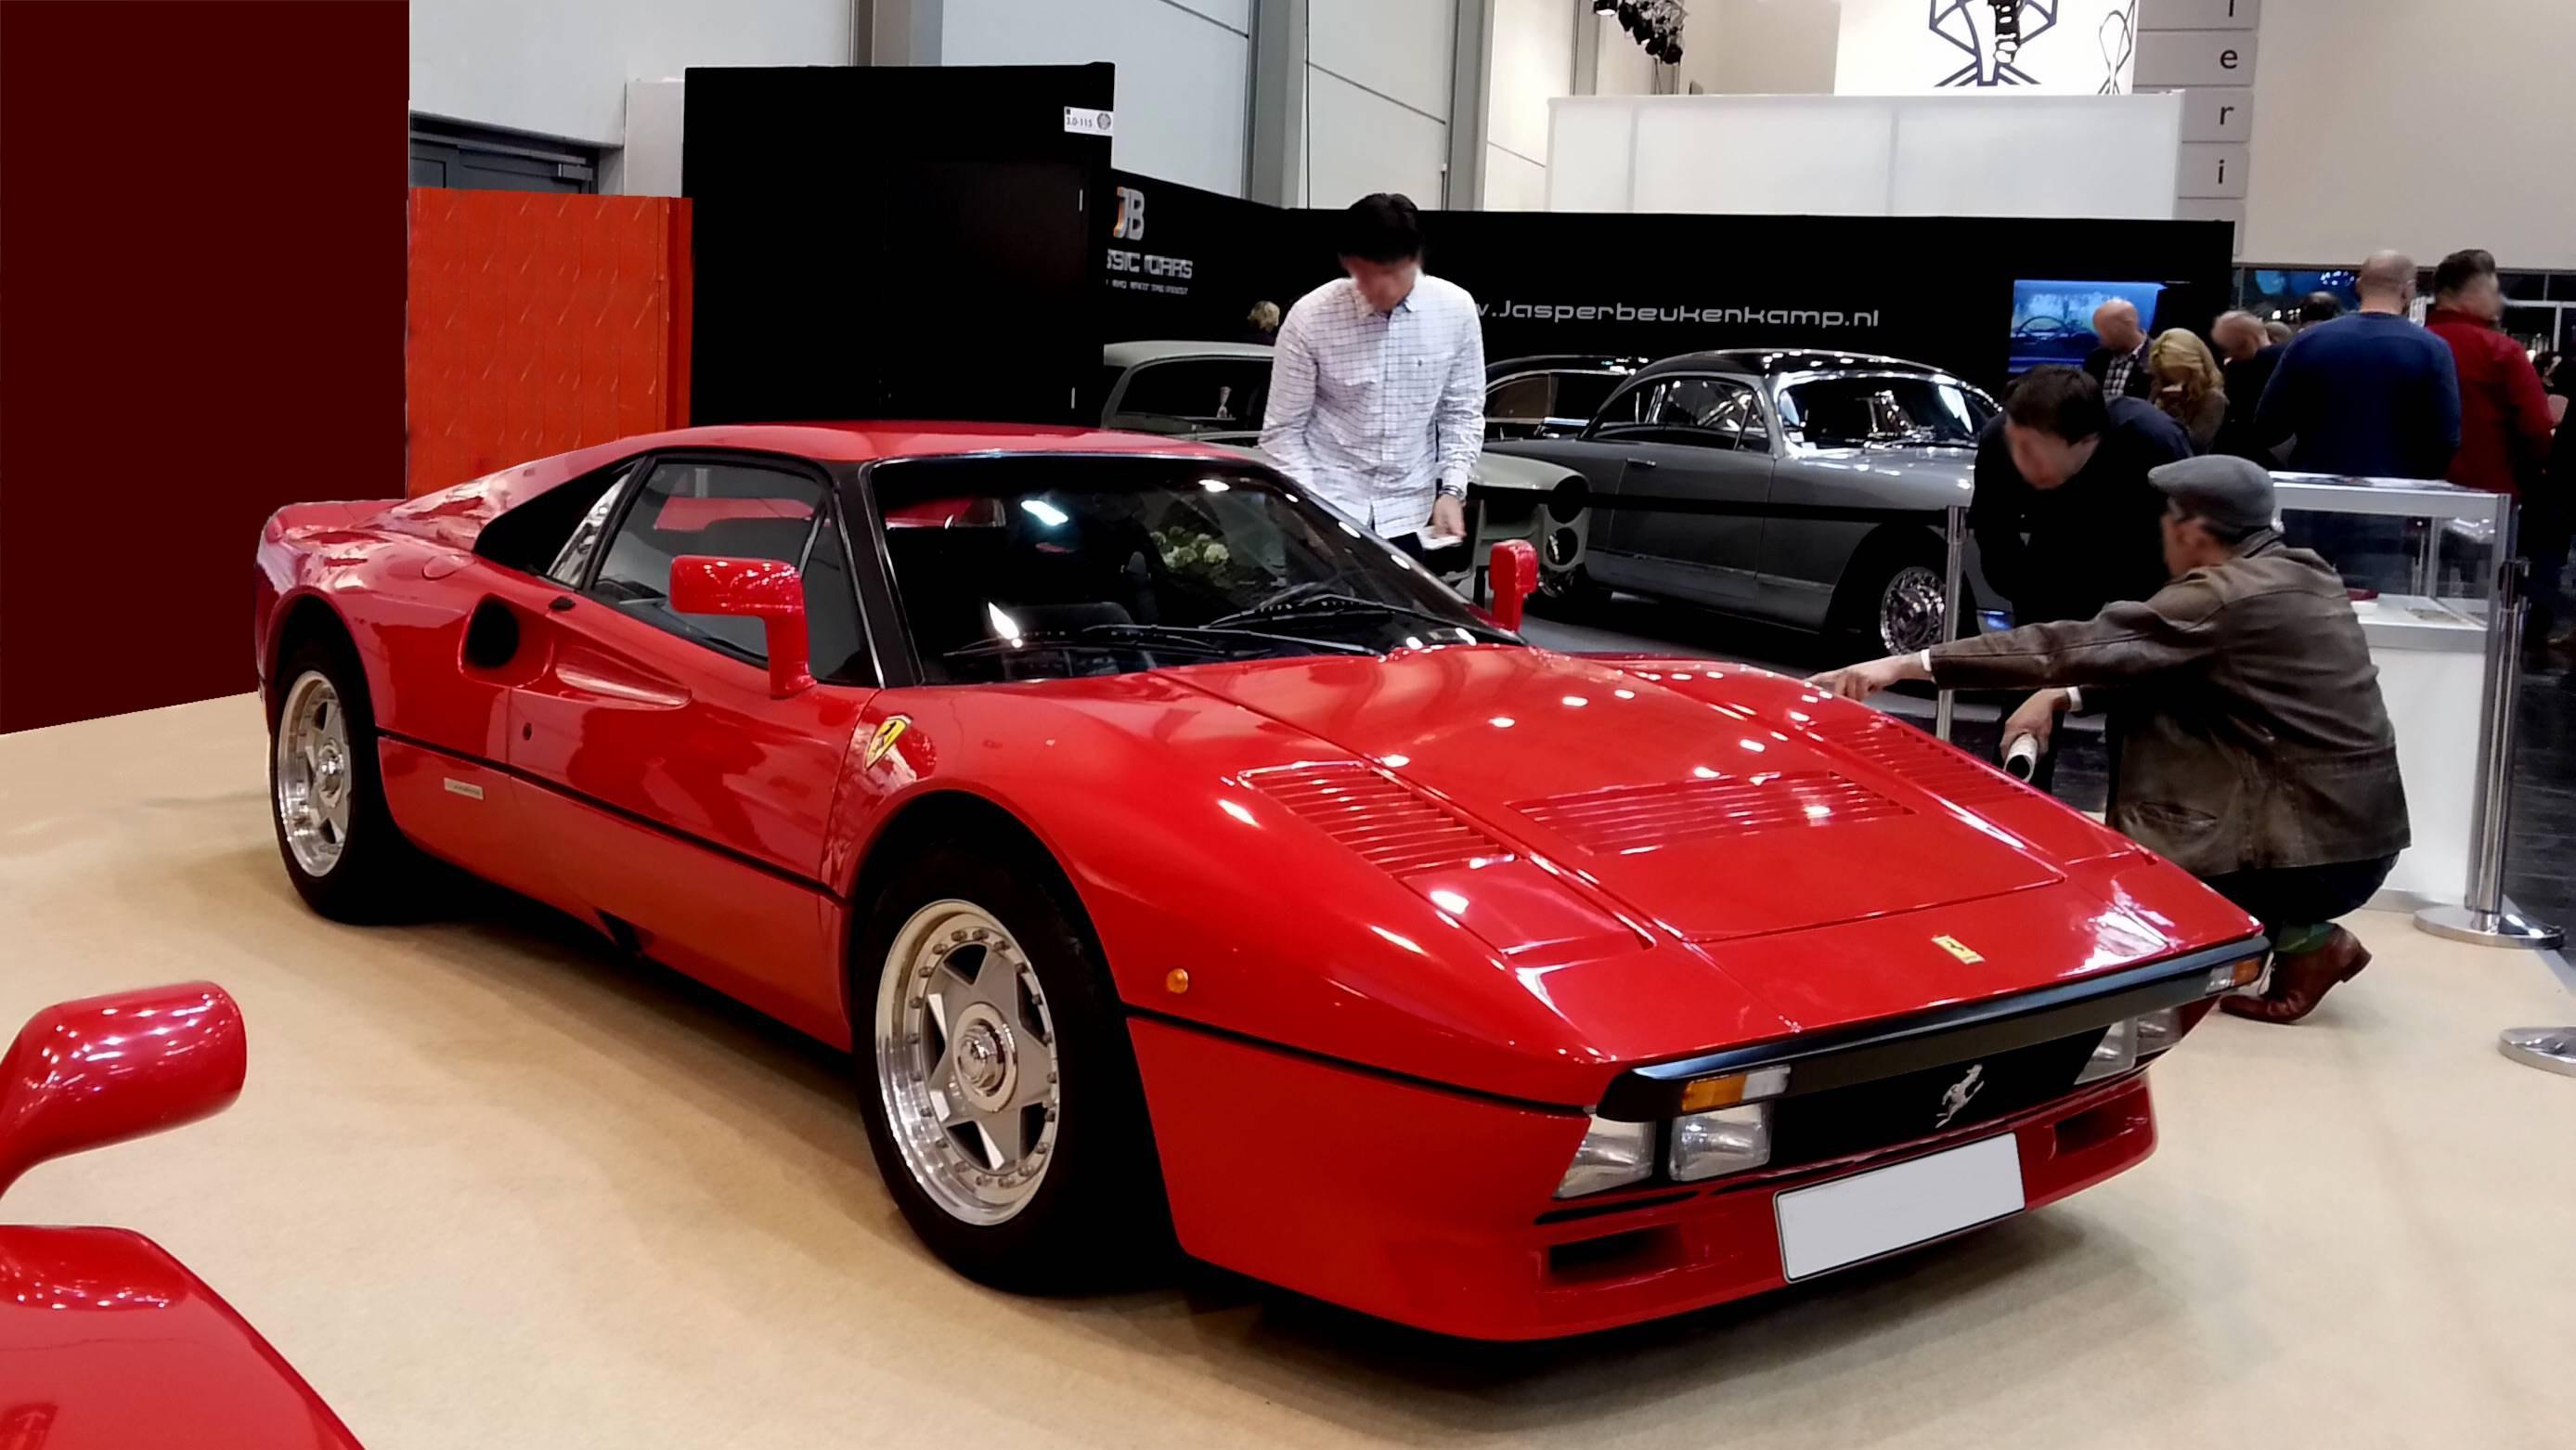 Gospodin je zatražio testnu vožnju Ferrarijem od 2 milijuna eura, pričekao da prodavač izađe pa lijepo zapalio